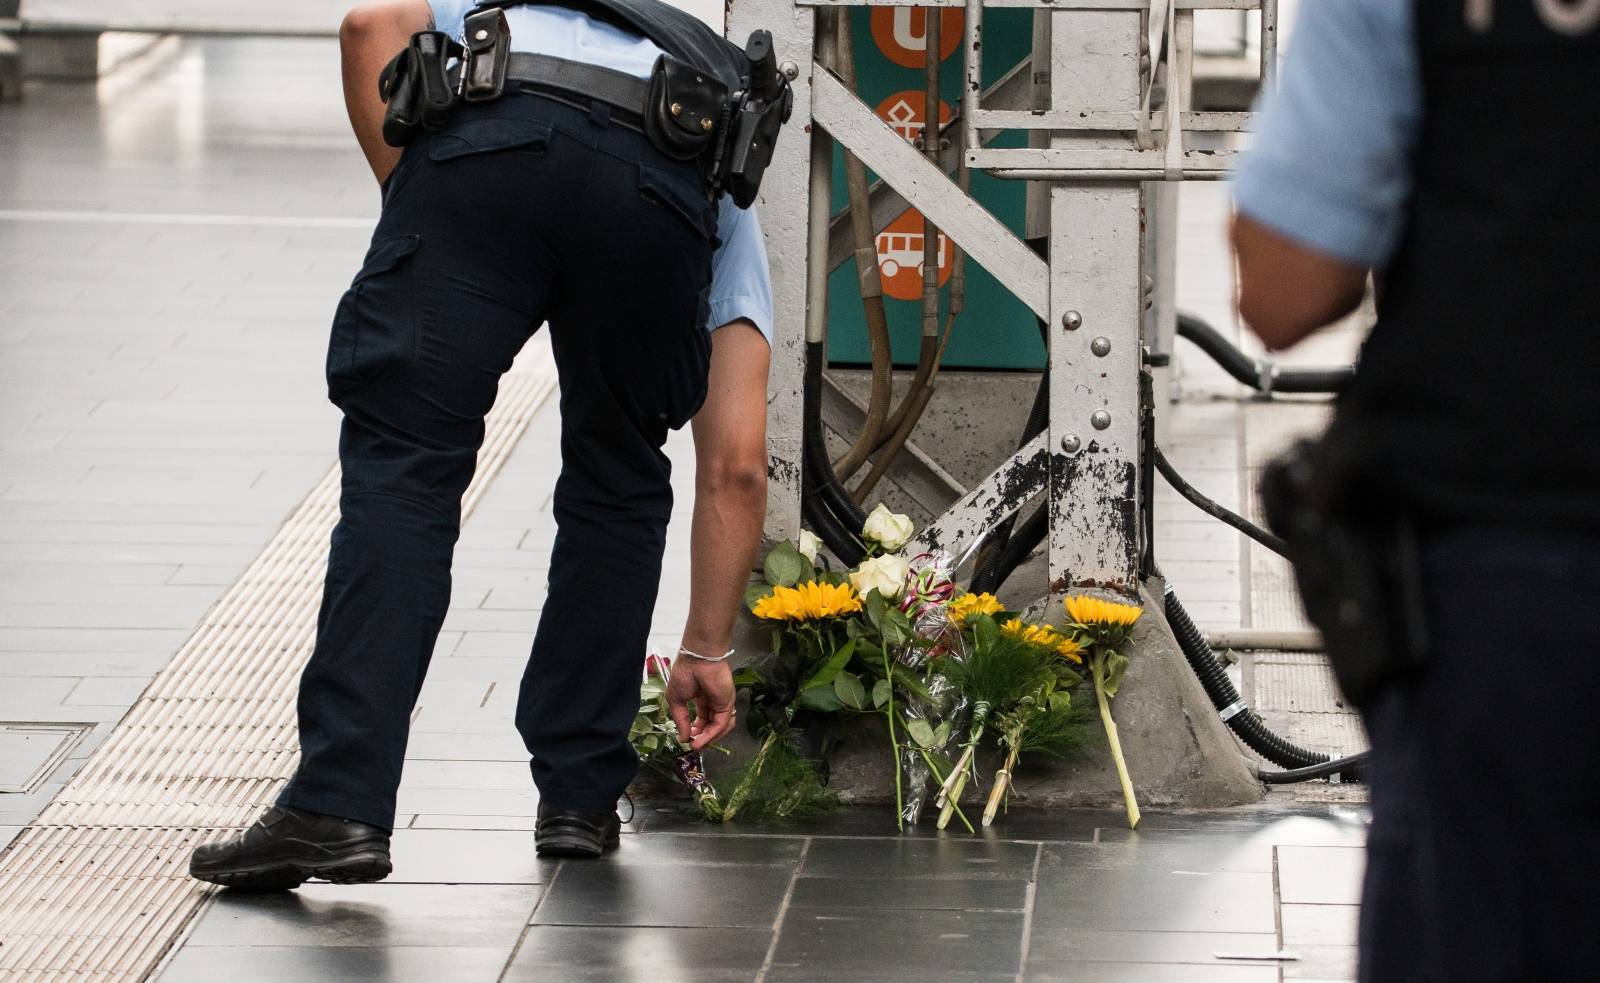 Attack at Frankfurt Central Station